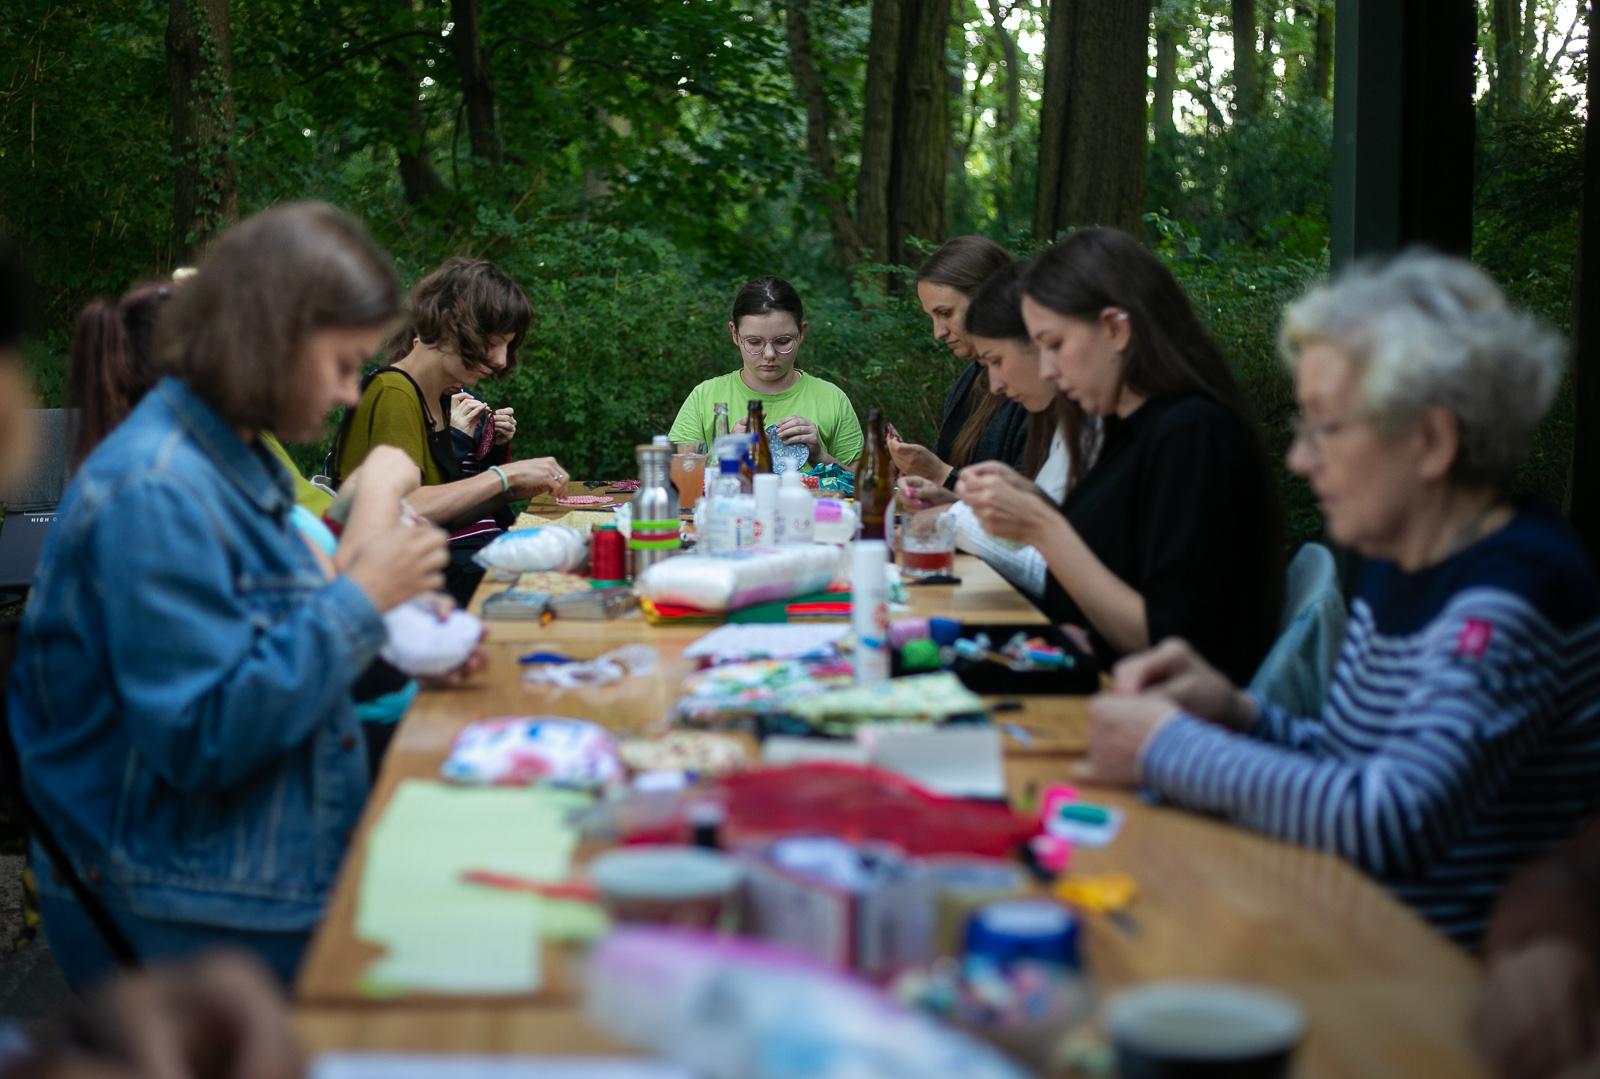 Zdjęcie przestawia kobiety w różnym wieku, siedzące przy długim stole w ogródku pawilonu Niepodległa. Miejsce spotkań. W dłoniach mają materiał i nawleczone igły. Na stole leżą guziki, nici i materiały niezbędne do przygotowania igielnika.